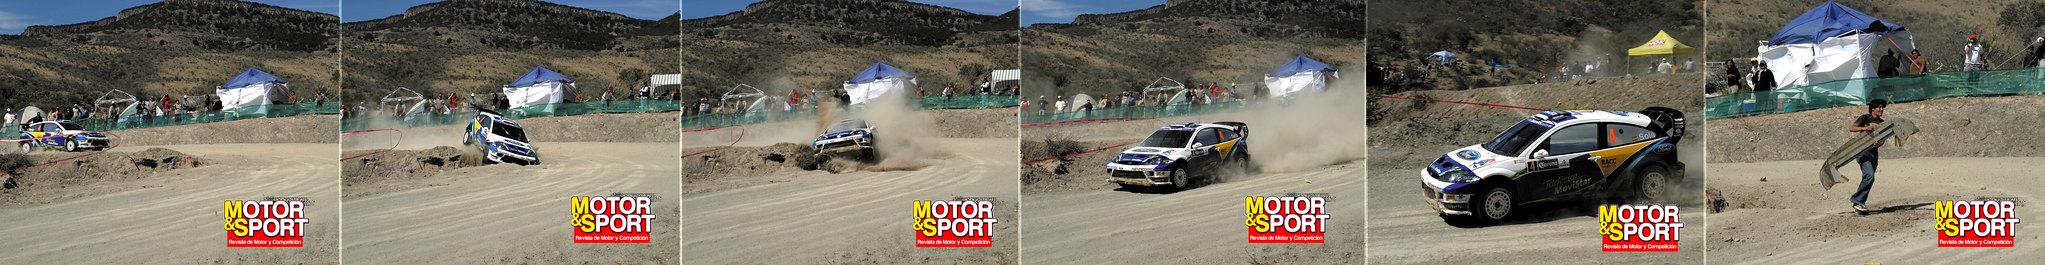 Rally Mexico 2005 16279042791_ed8c86585b_k